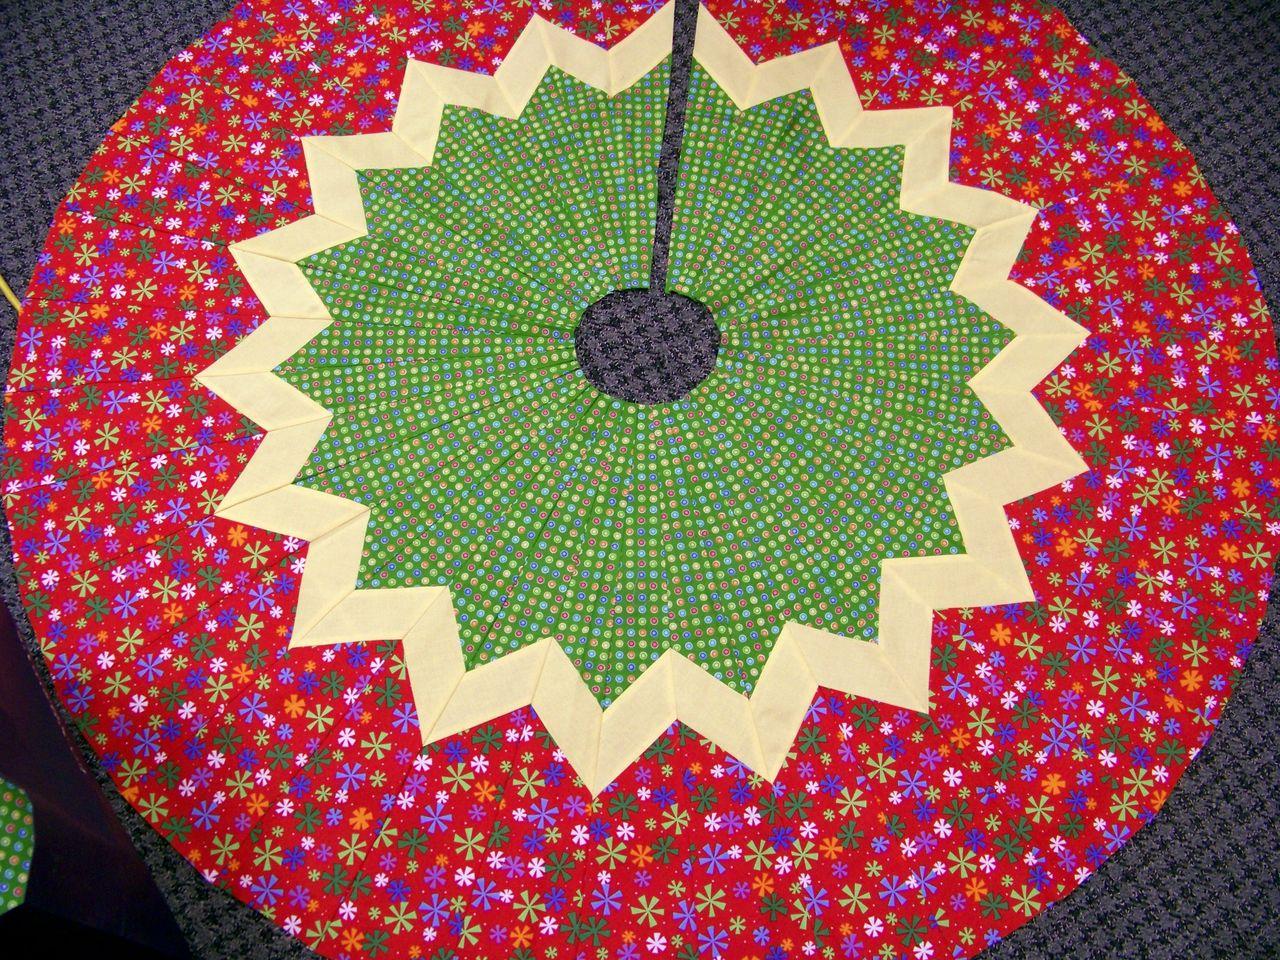 10 Degree Wedge Pattern Ruler Tree Skirt